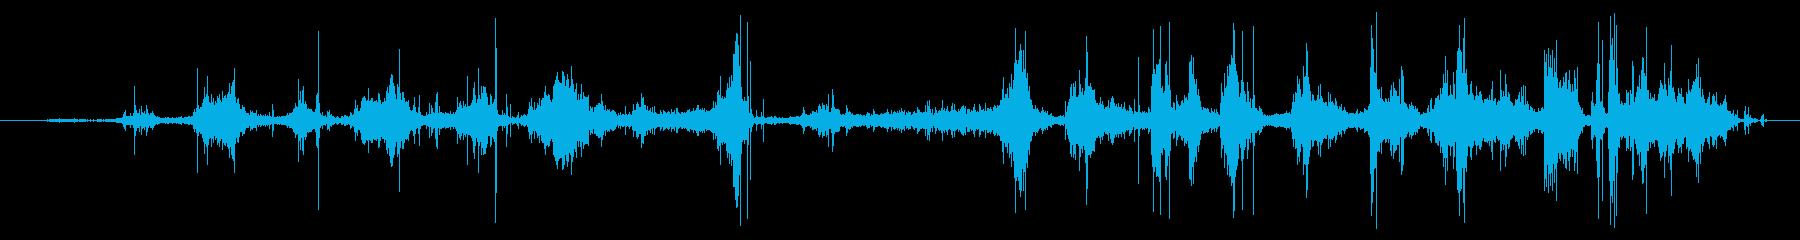 クロスカントリースキー:オンボード...の再生済みの波形